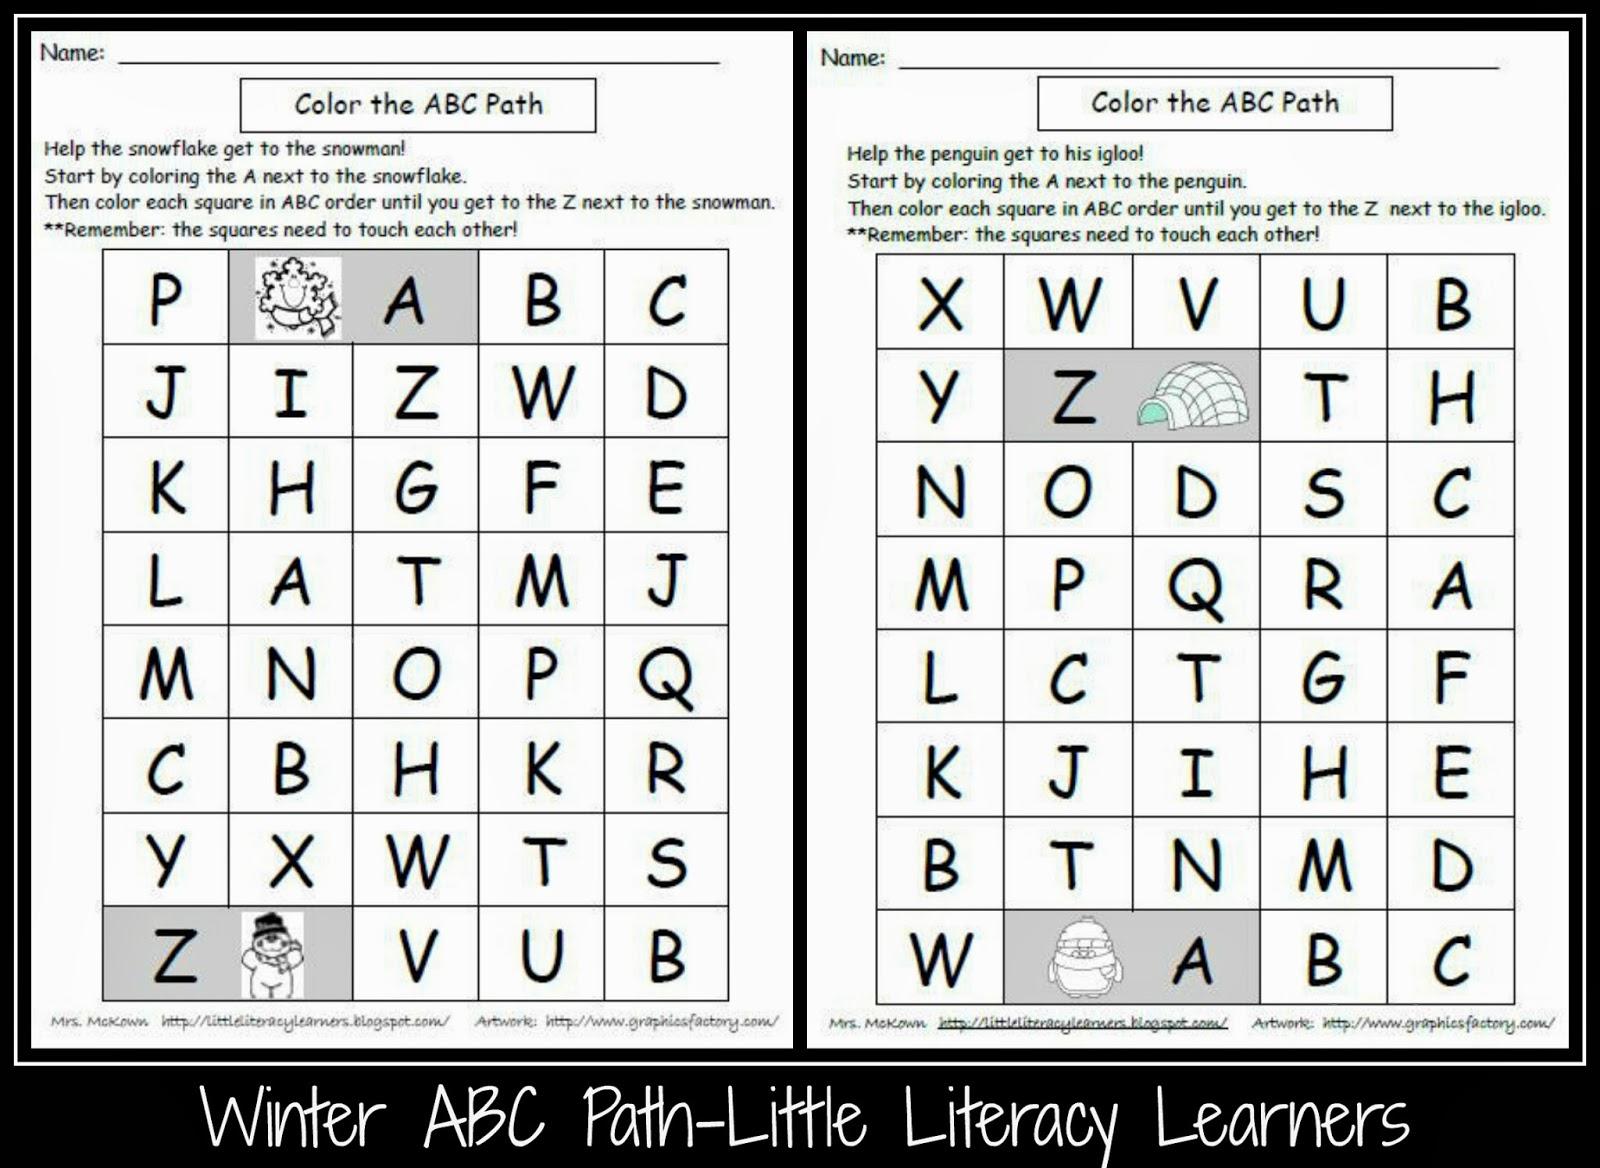 Little Literacy Learners Upper Case Letter Identification Freebie